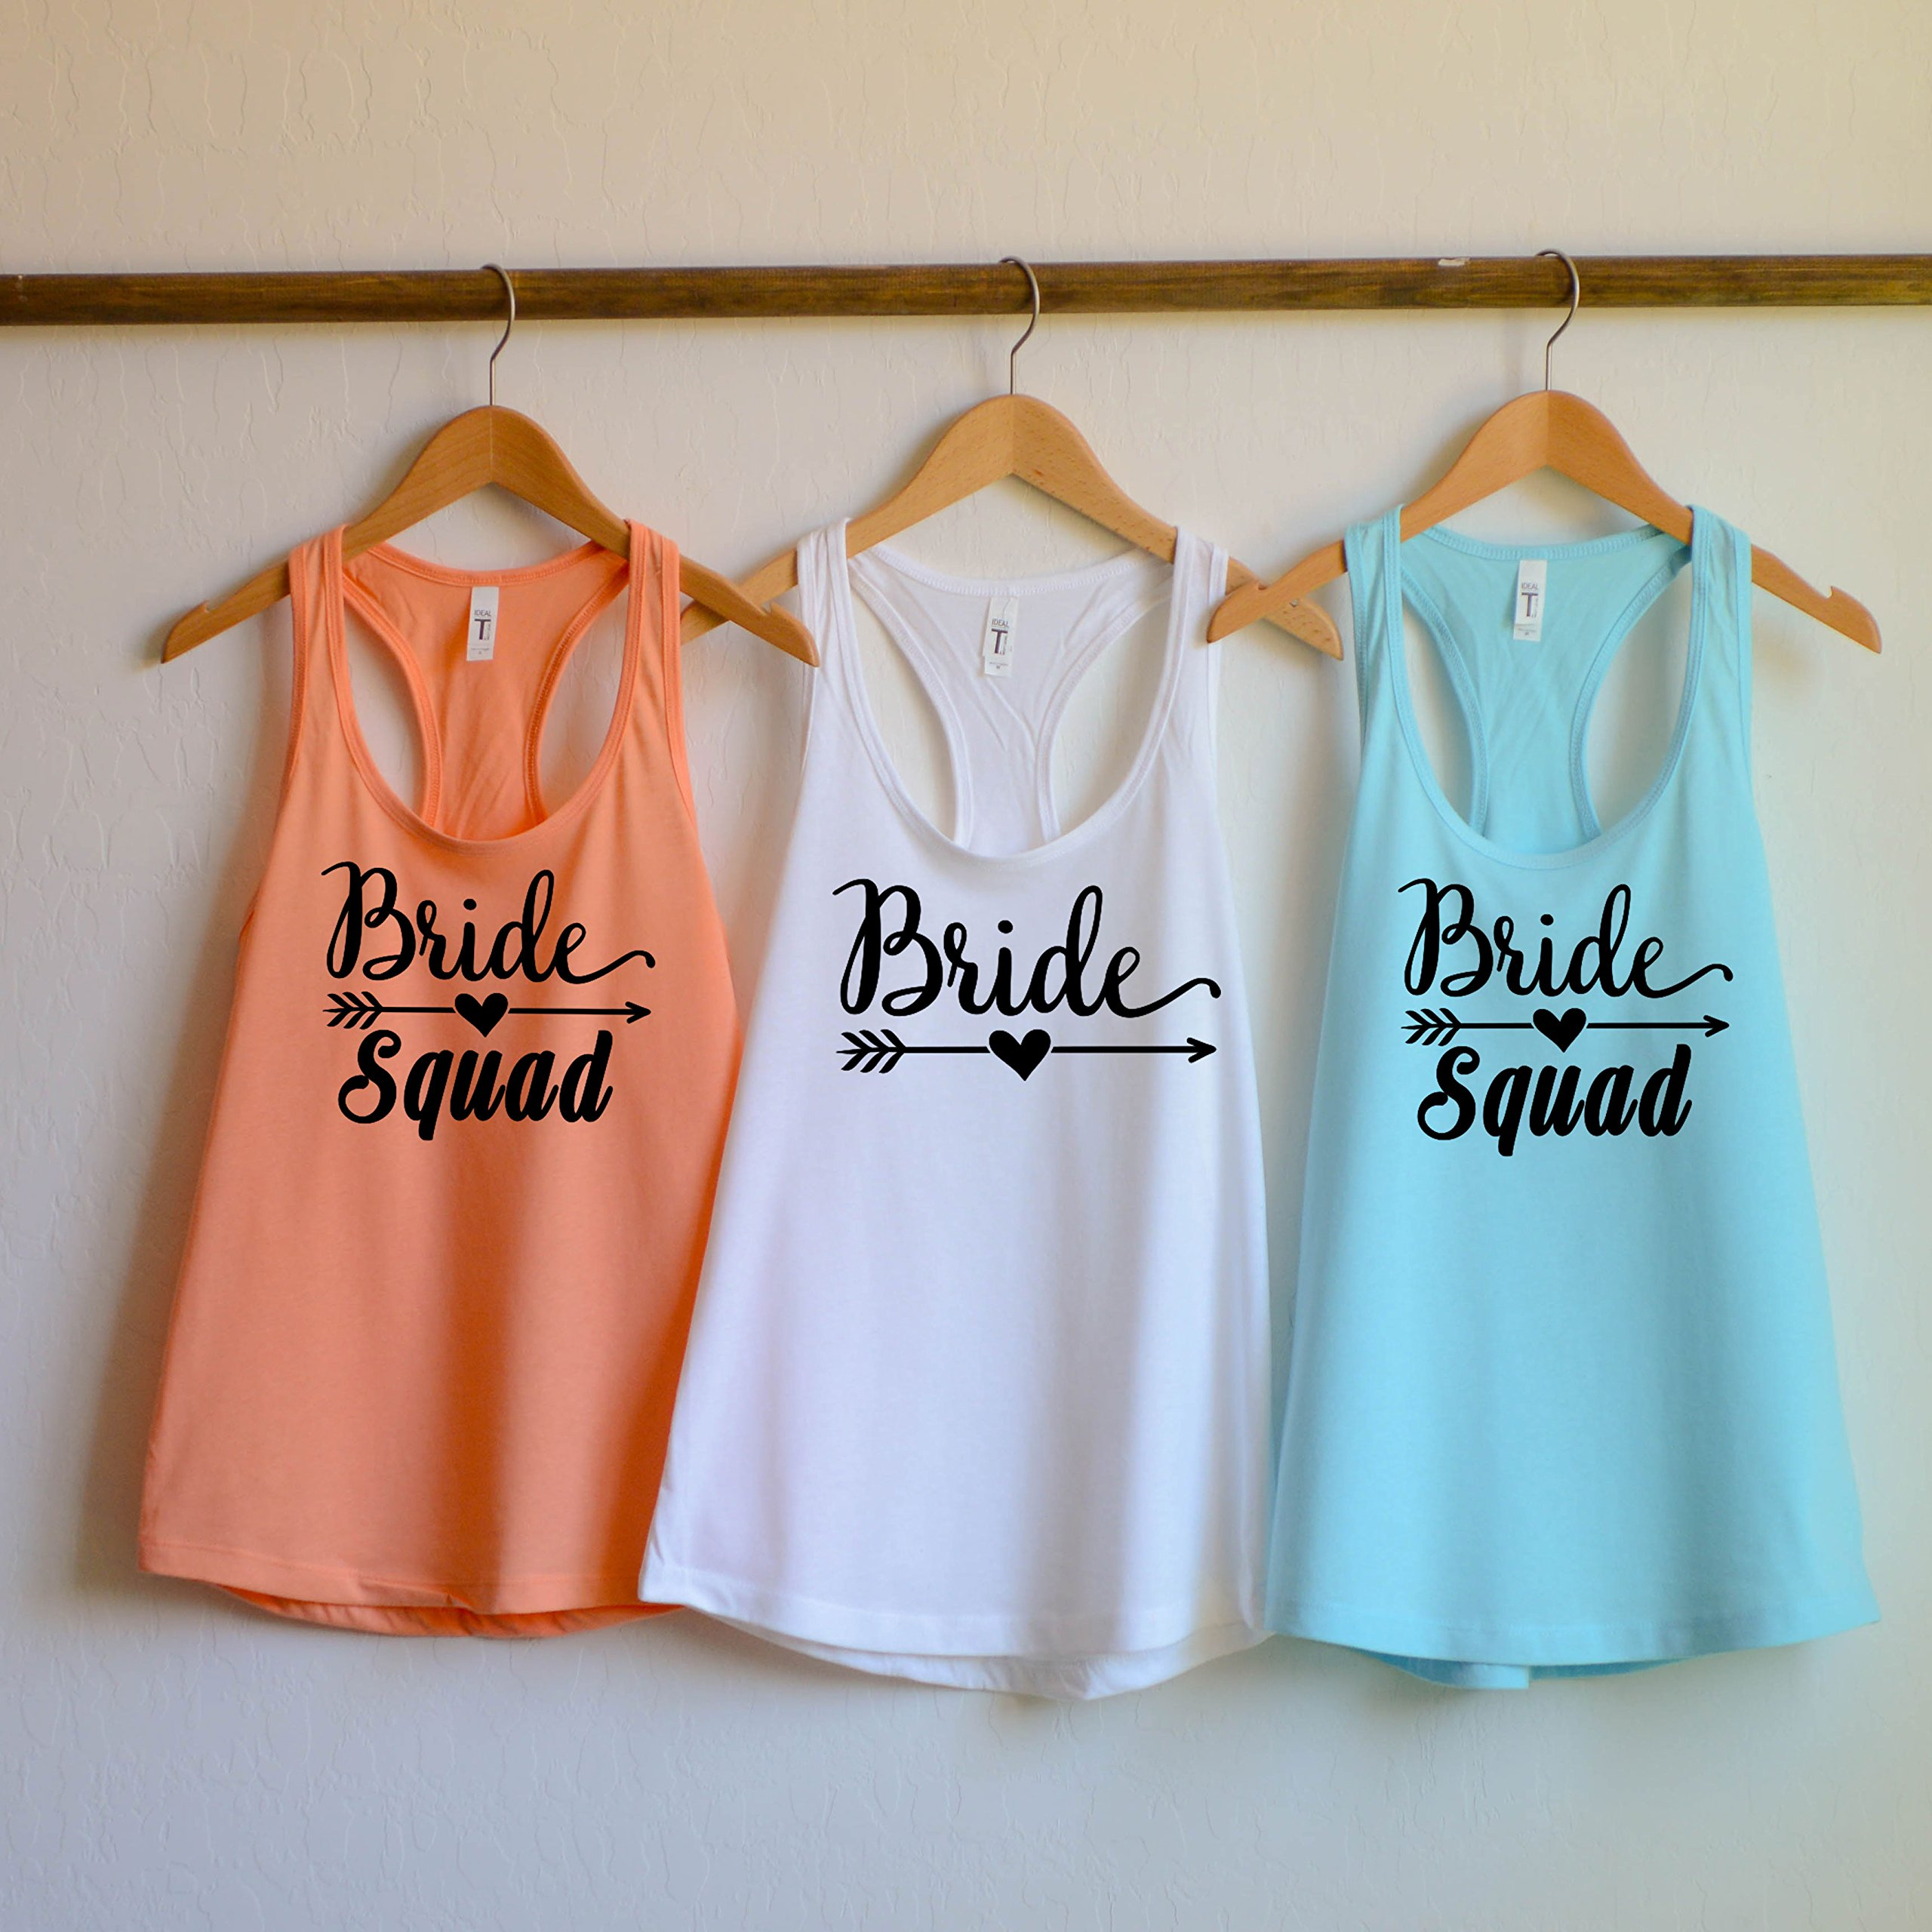 Bride Squad Bachelorette Party Shirts, Bridesmaid shirts, bridal party tank top, bride squad tank top, bridesmaids tank top